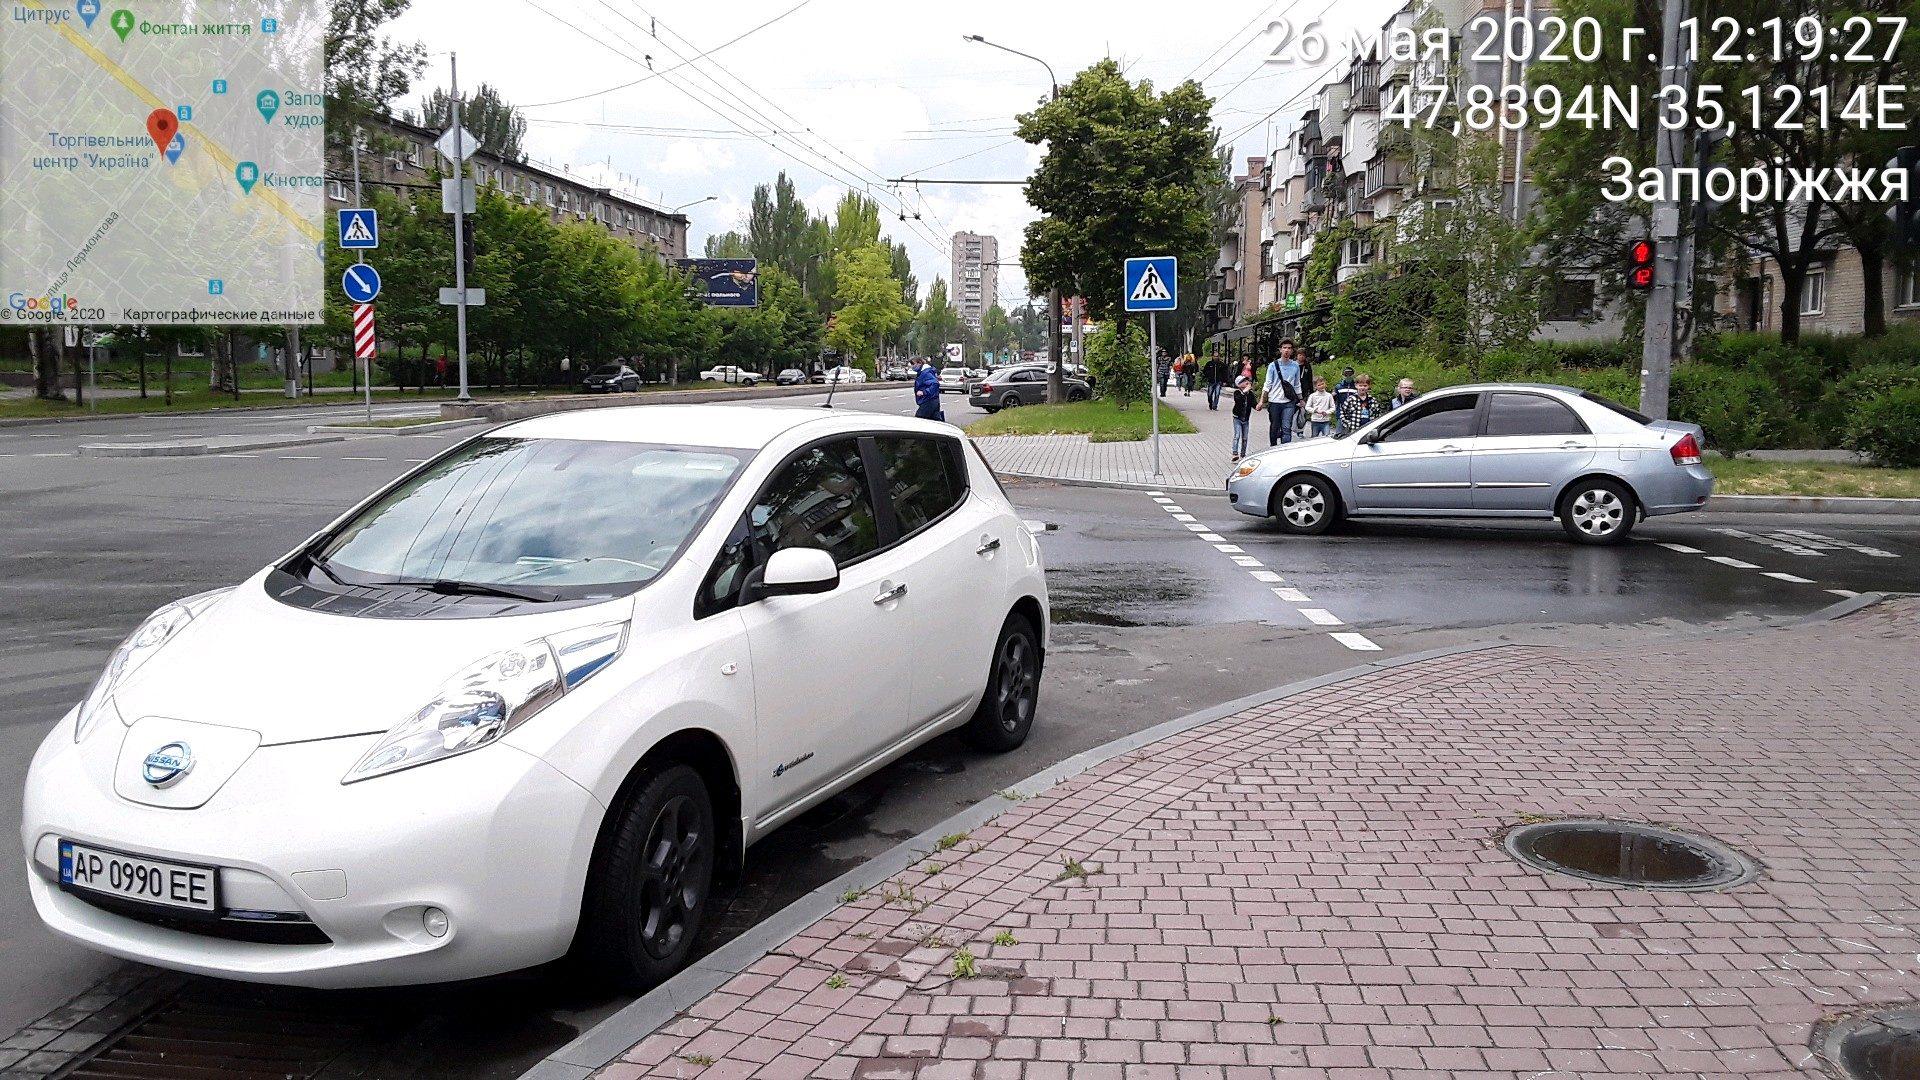 Запорожские водители ошибочно считают, что в карантинный период штрафовать за неправильную парковку - нельзя